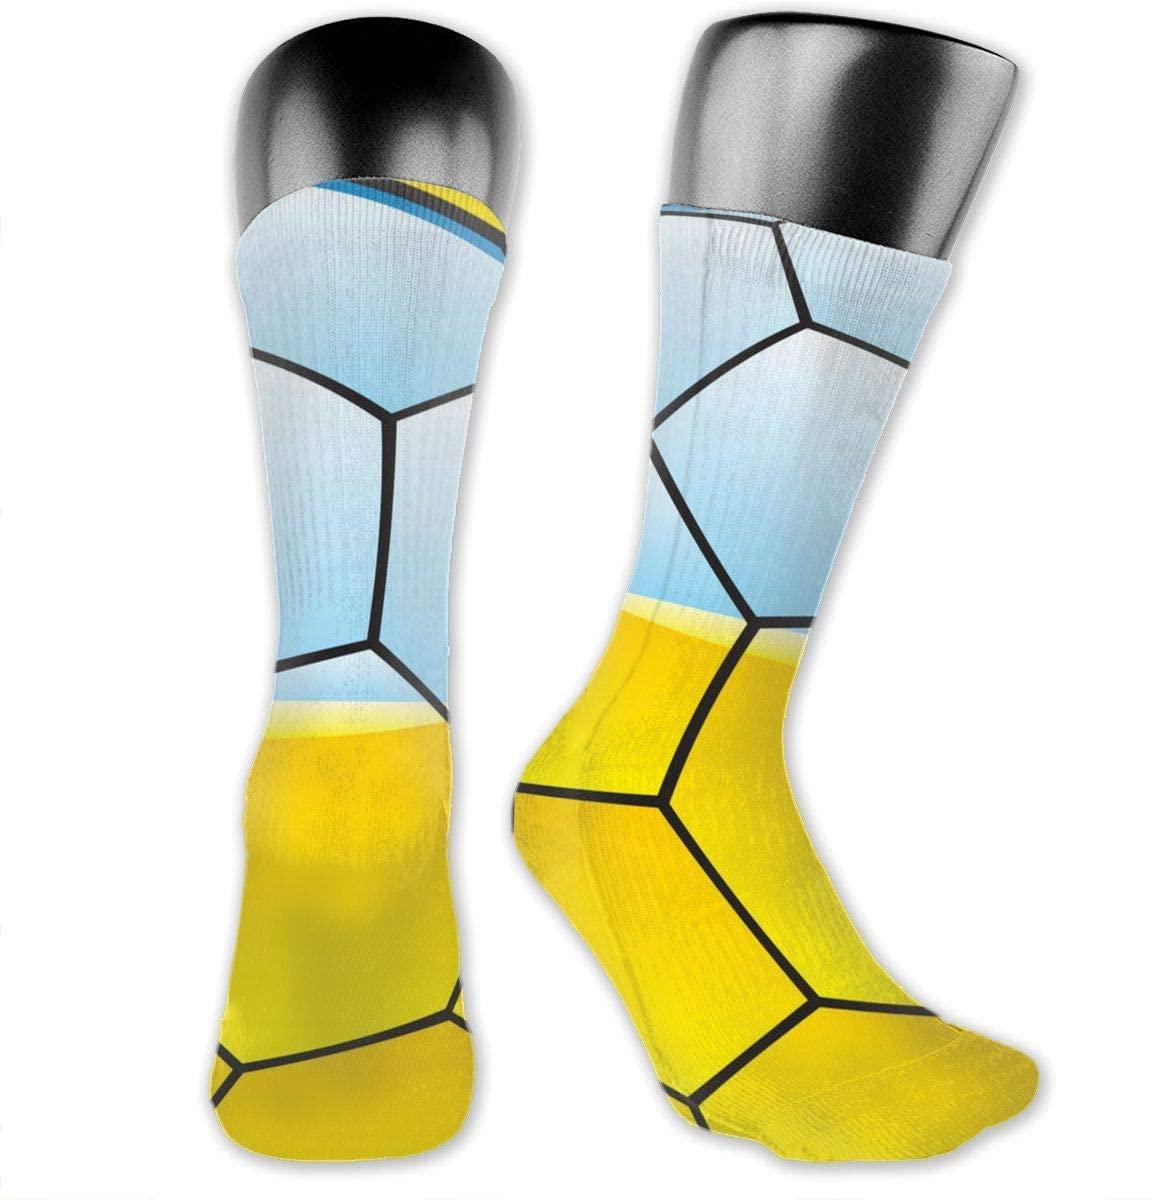 avbvoxy Knee High Socks for Men Women Ukraine Flag On Soccer Ball Sports Soccer Socks 40cm